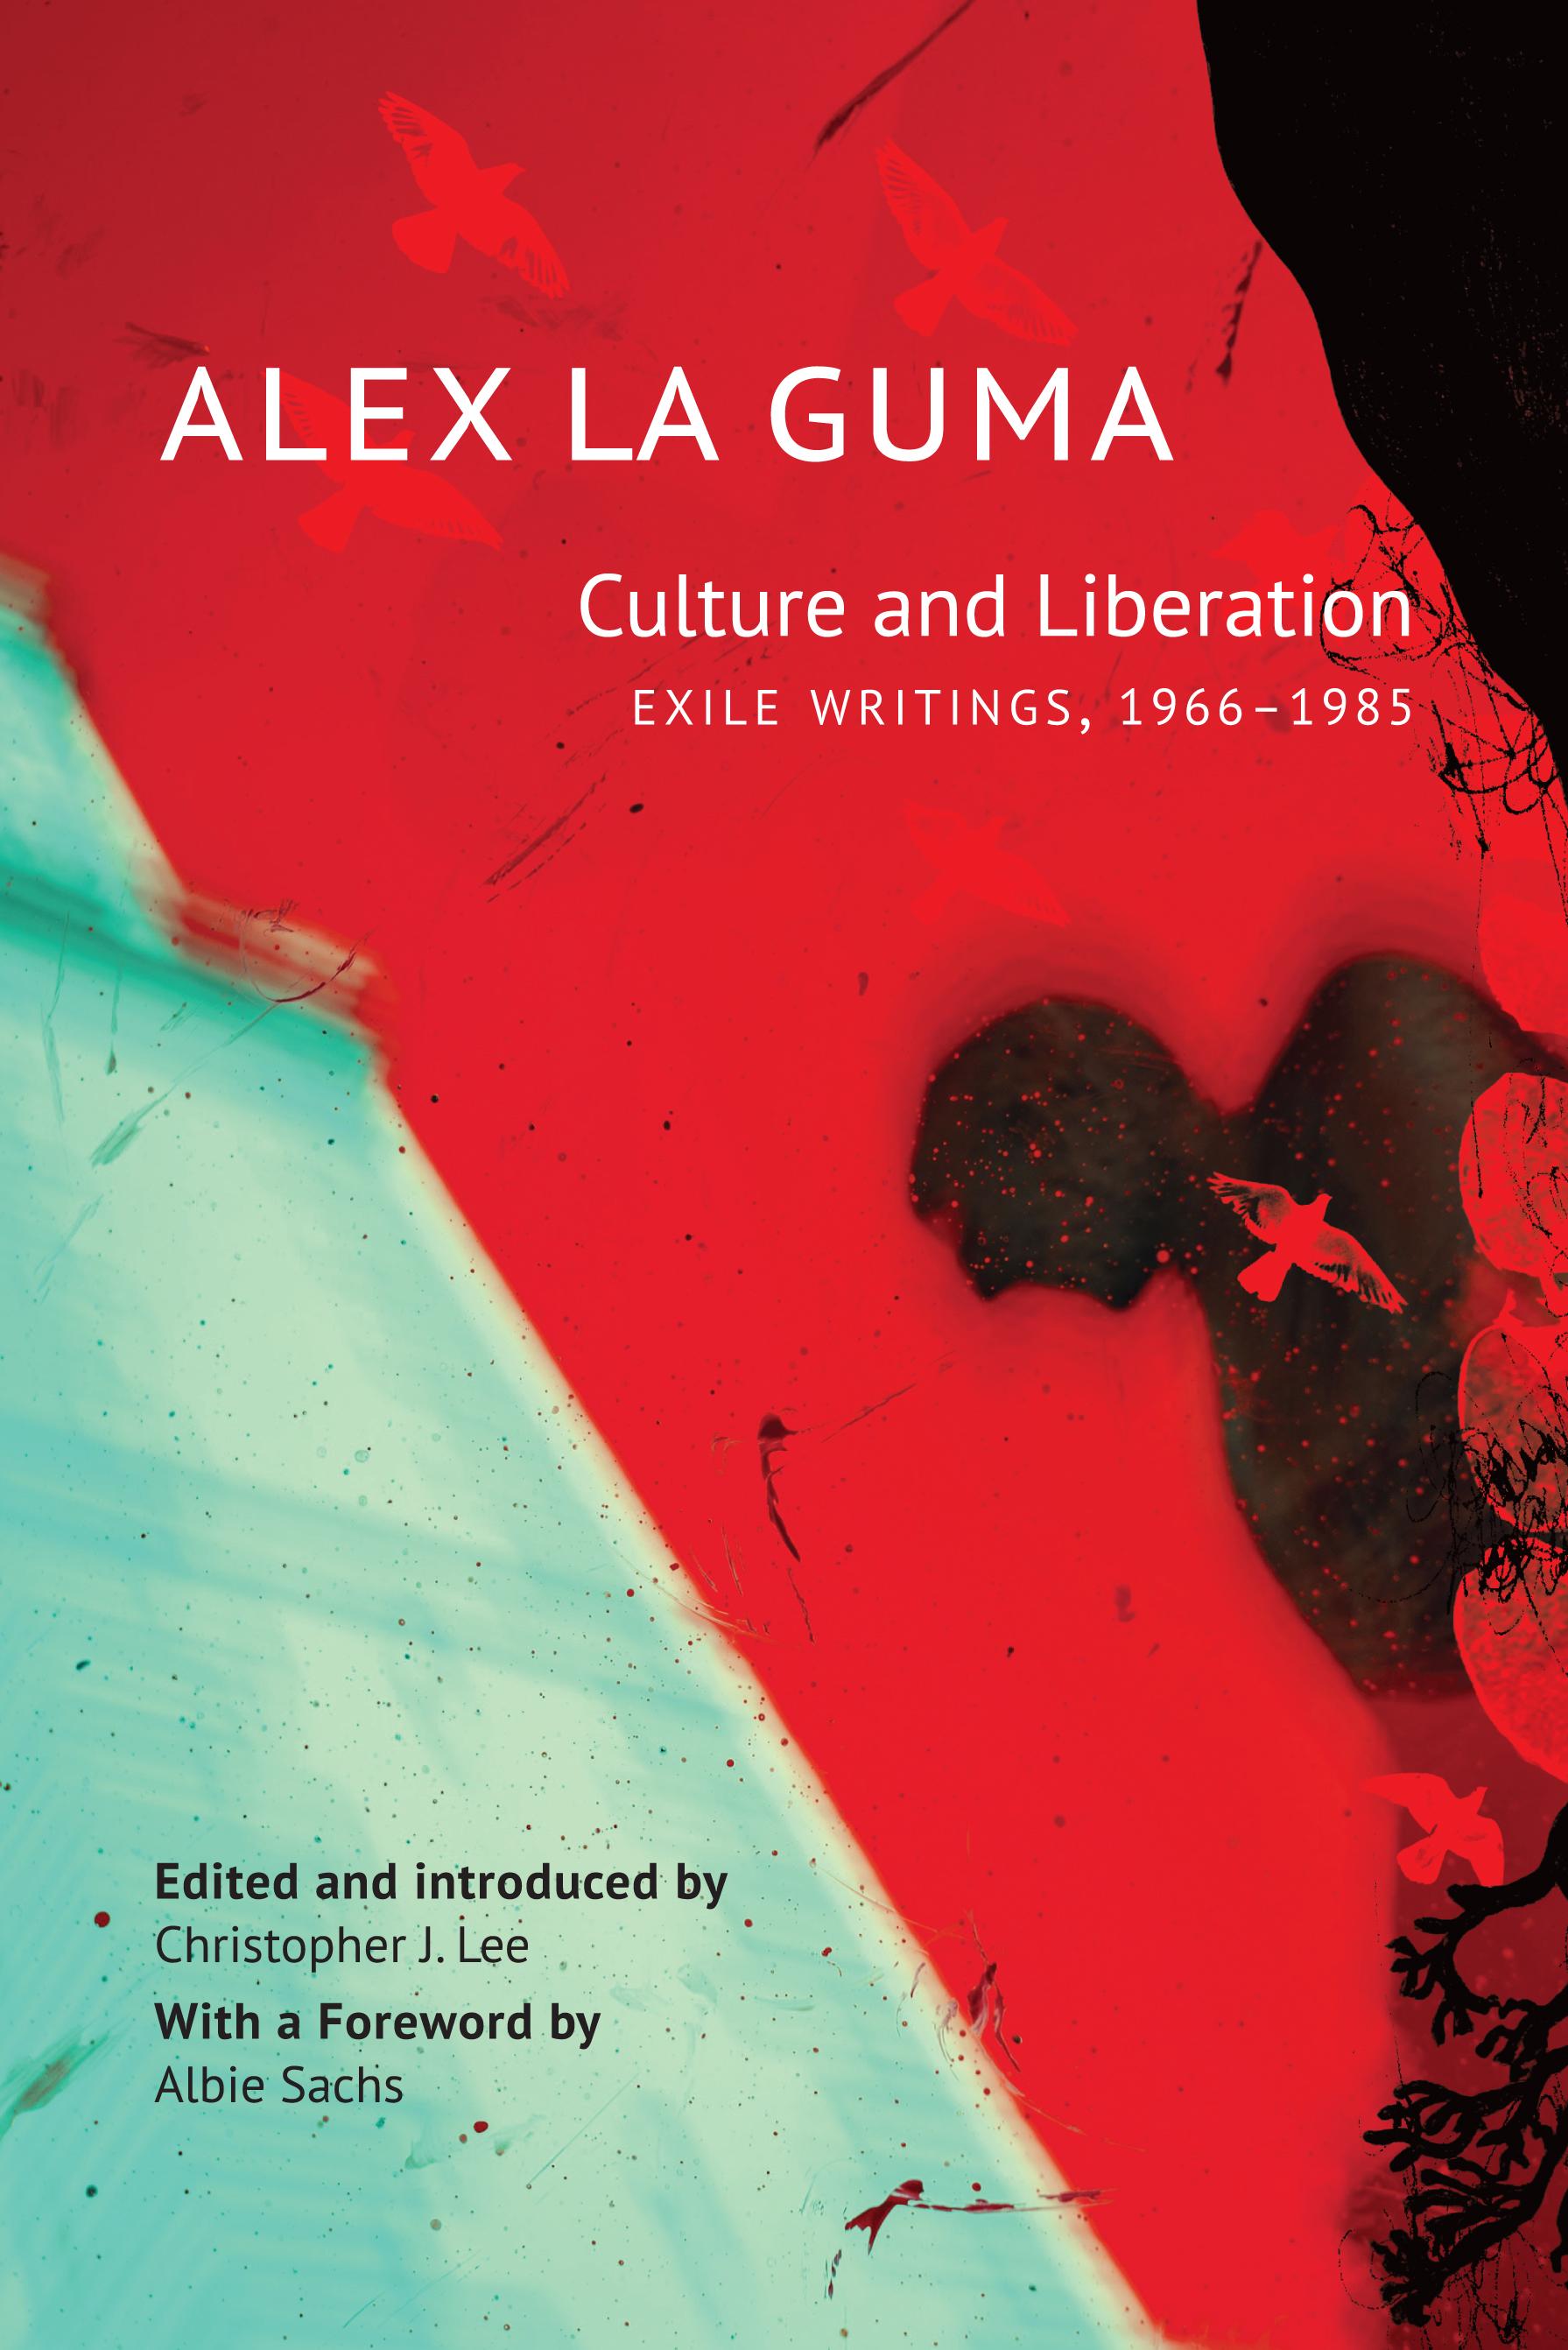 Culture and Liberation by Alex La Guma  | Seagull Books